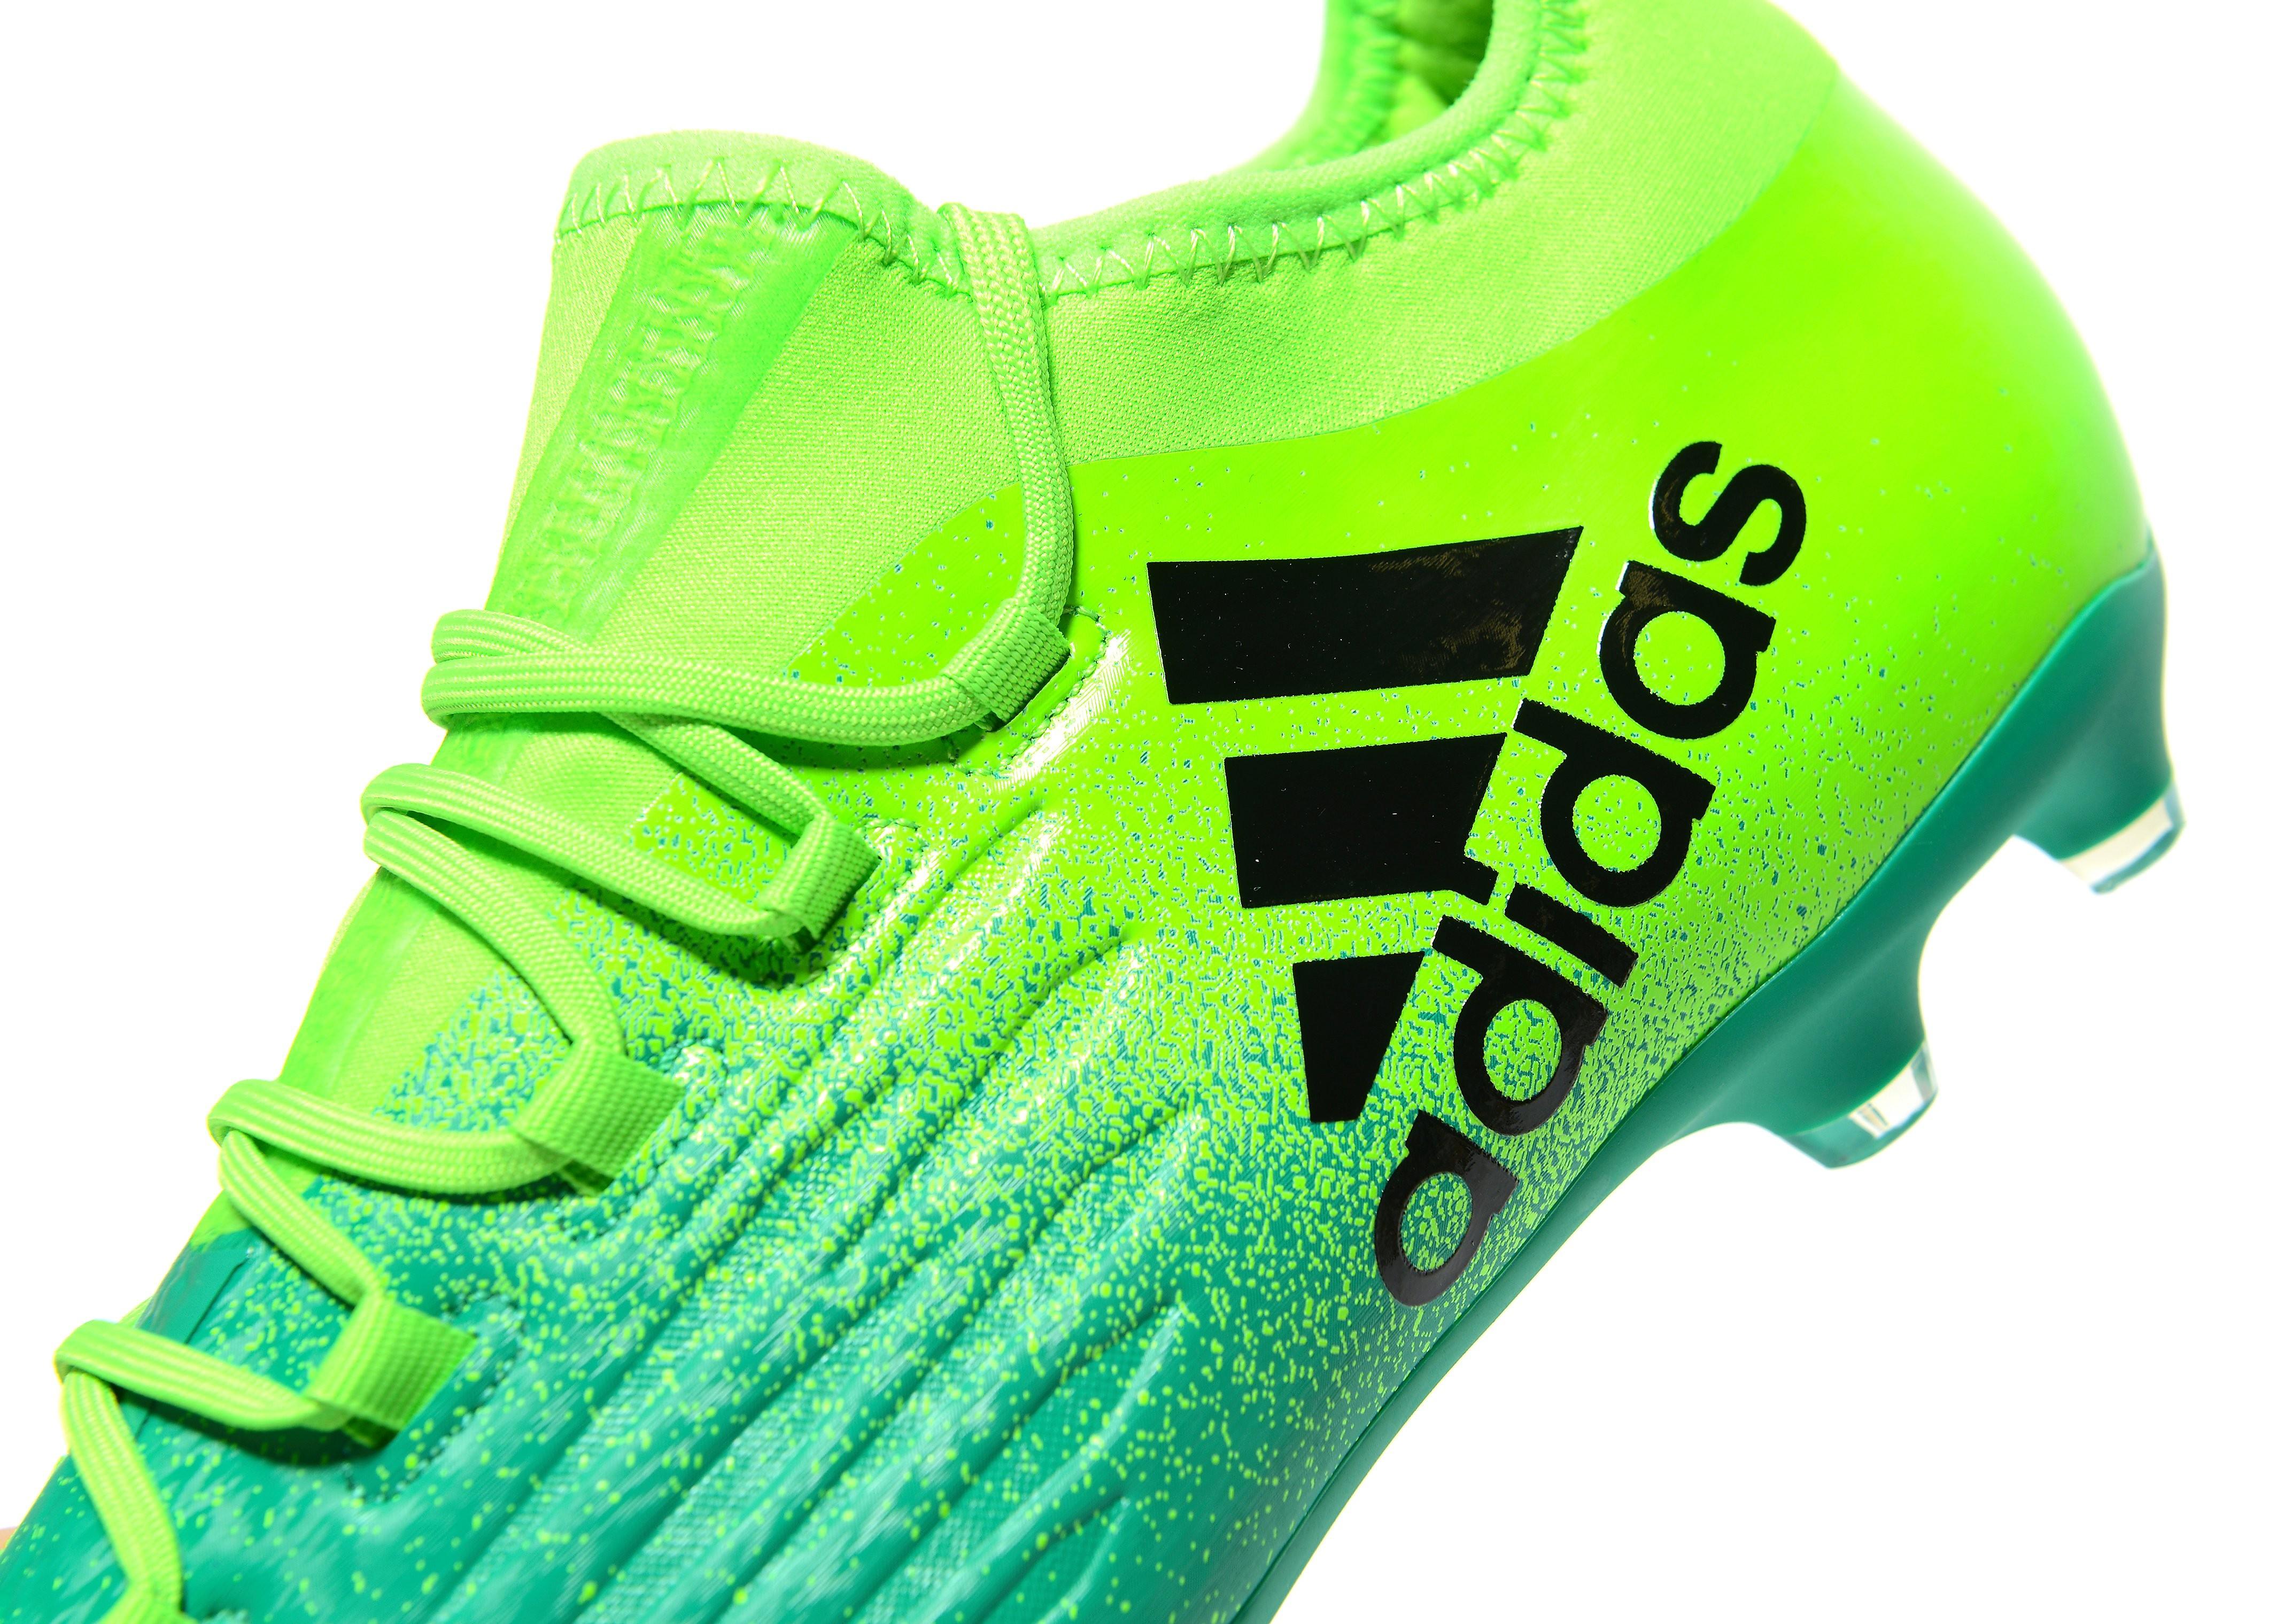 adidas Turbocharged X 16.2 FG